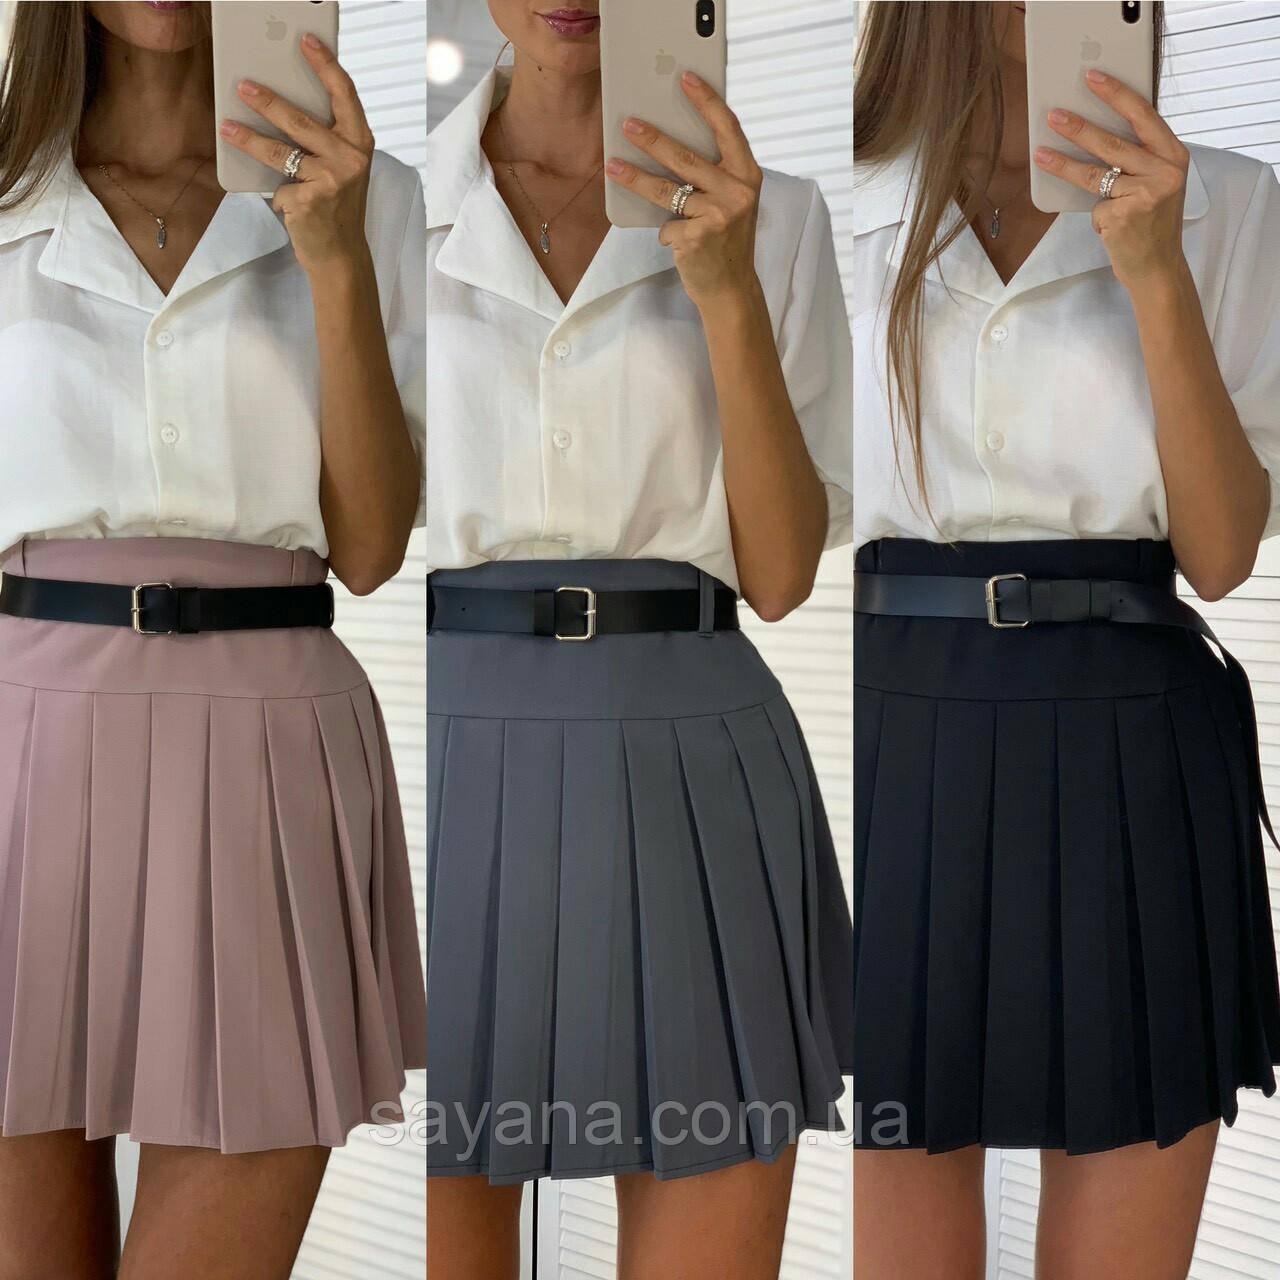 Женская юбка в складки с поясом,в расцветках. ЛД-1-0919